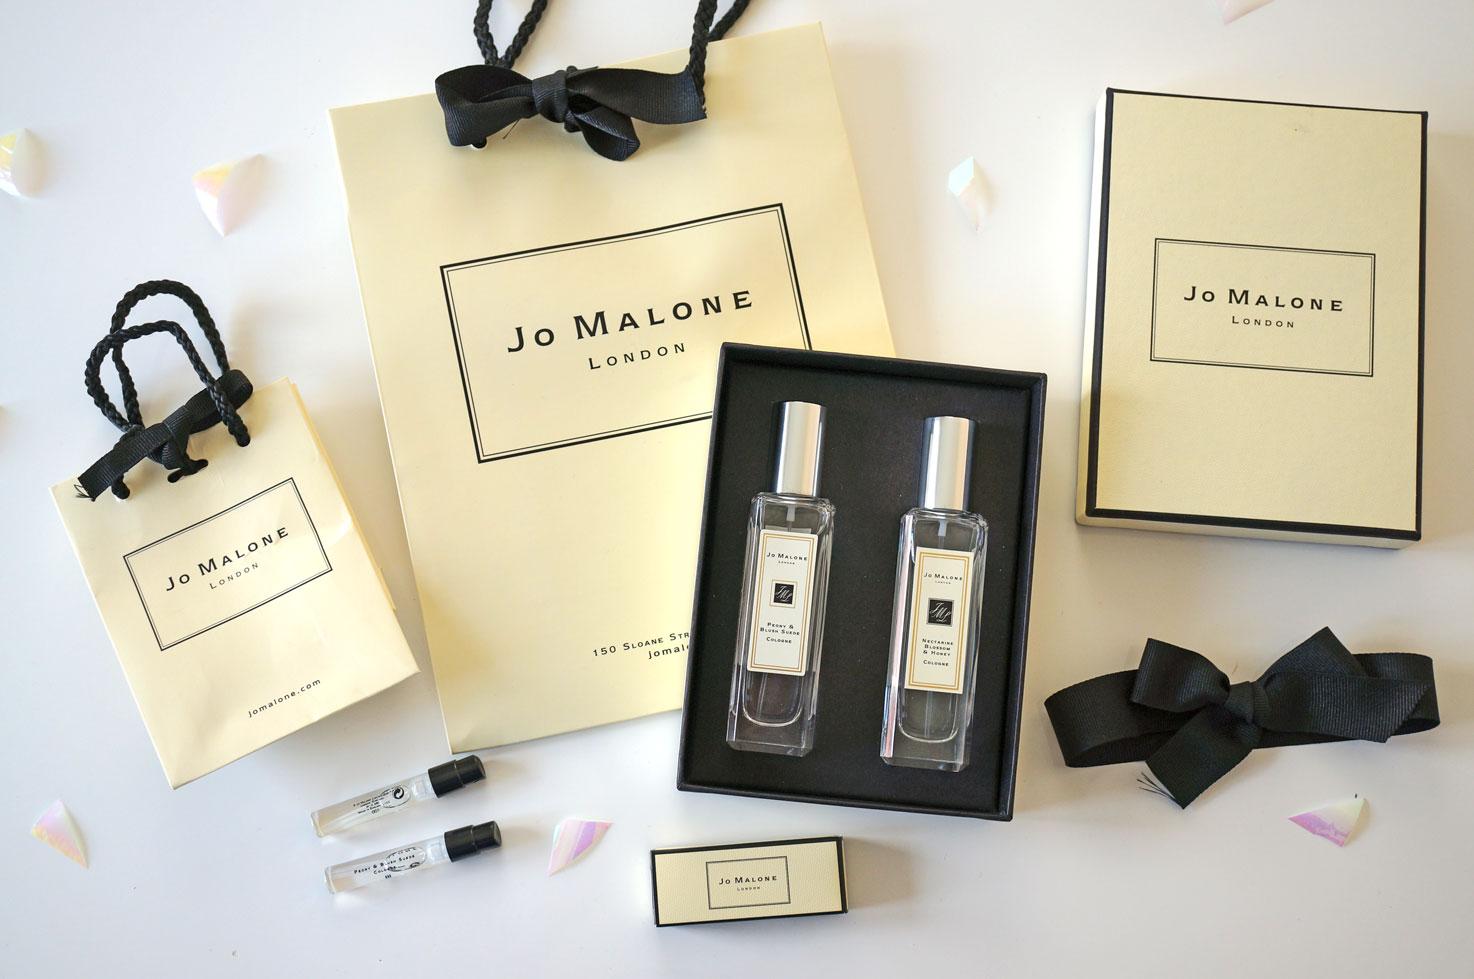 Jo Malone Mini Perfume Haul! - Thou Shalt Not Covet...